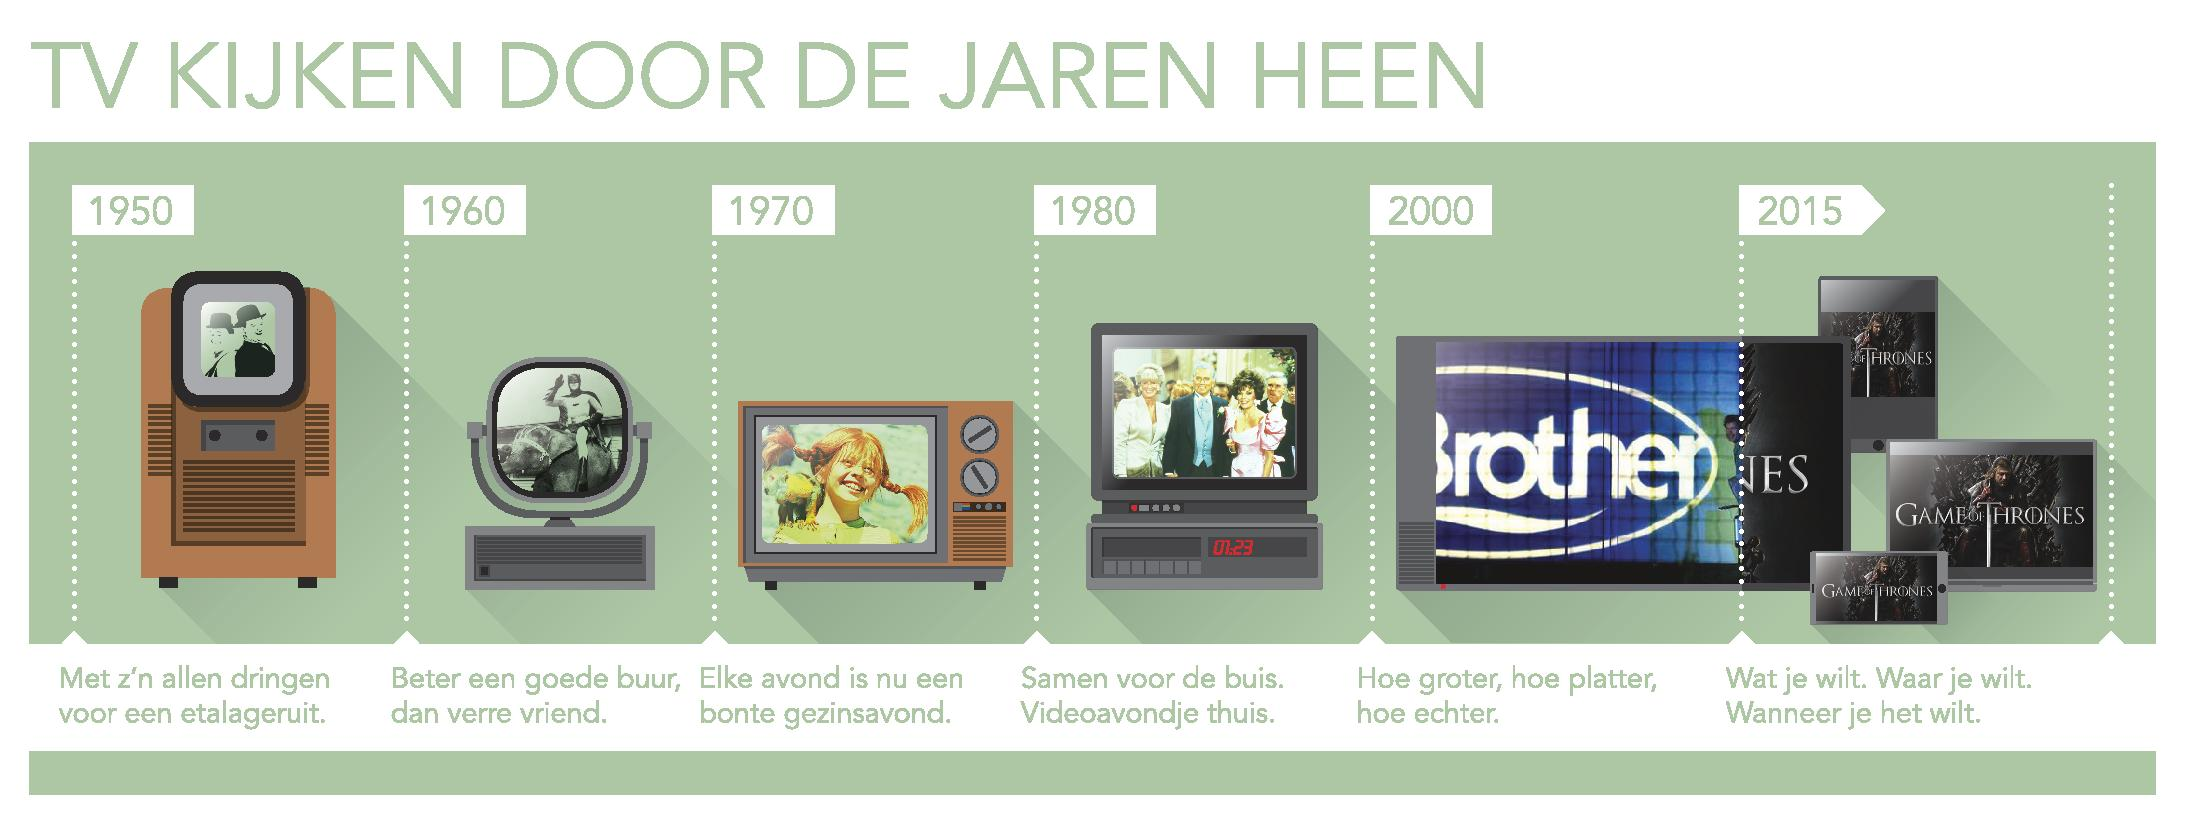 Infographic - TV kijken door de jaren heen-page-001